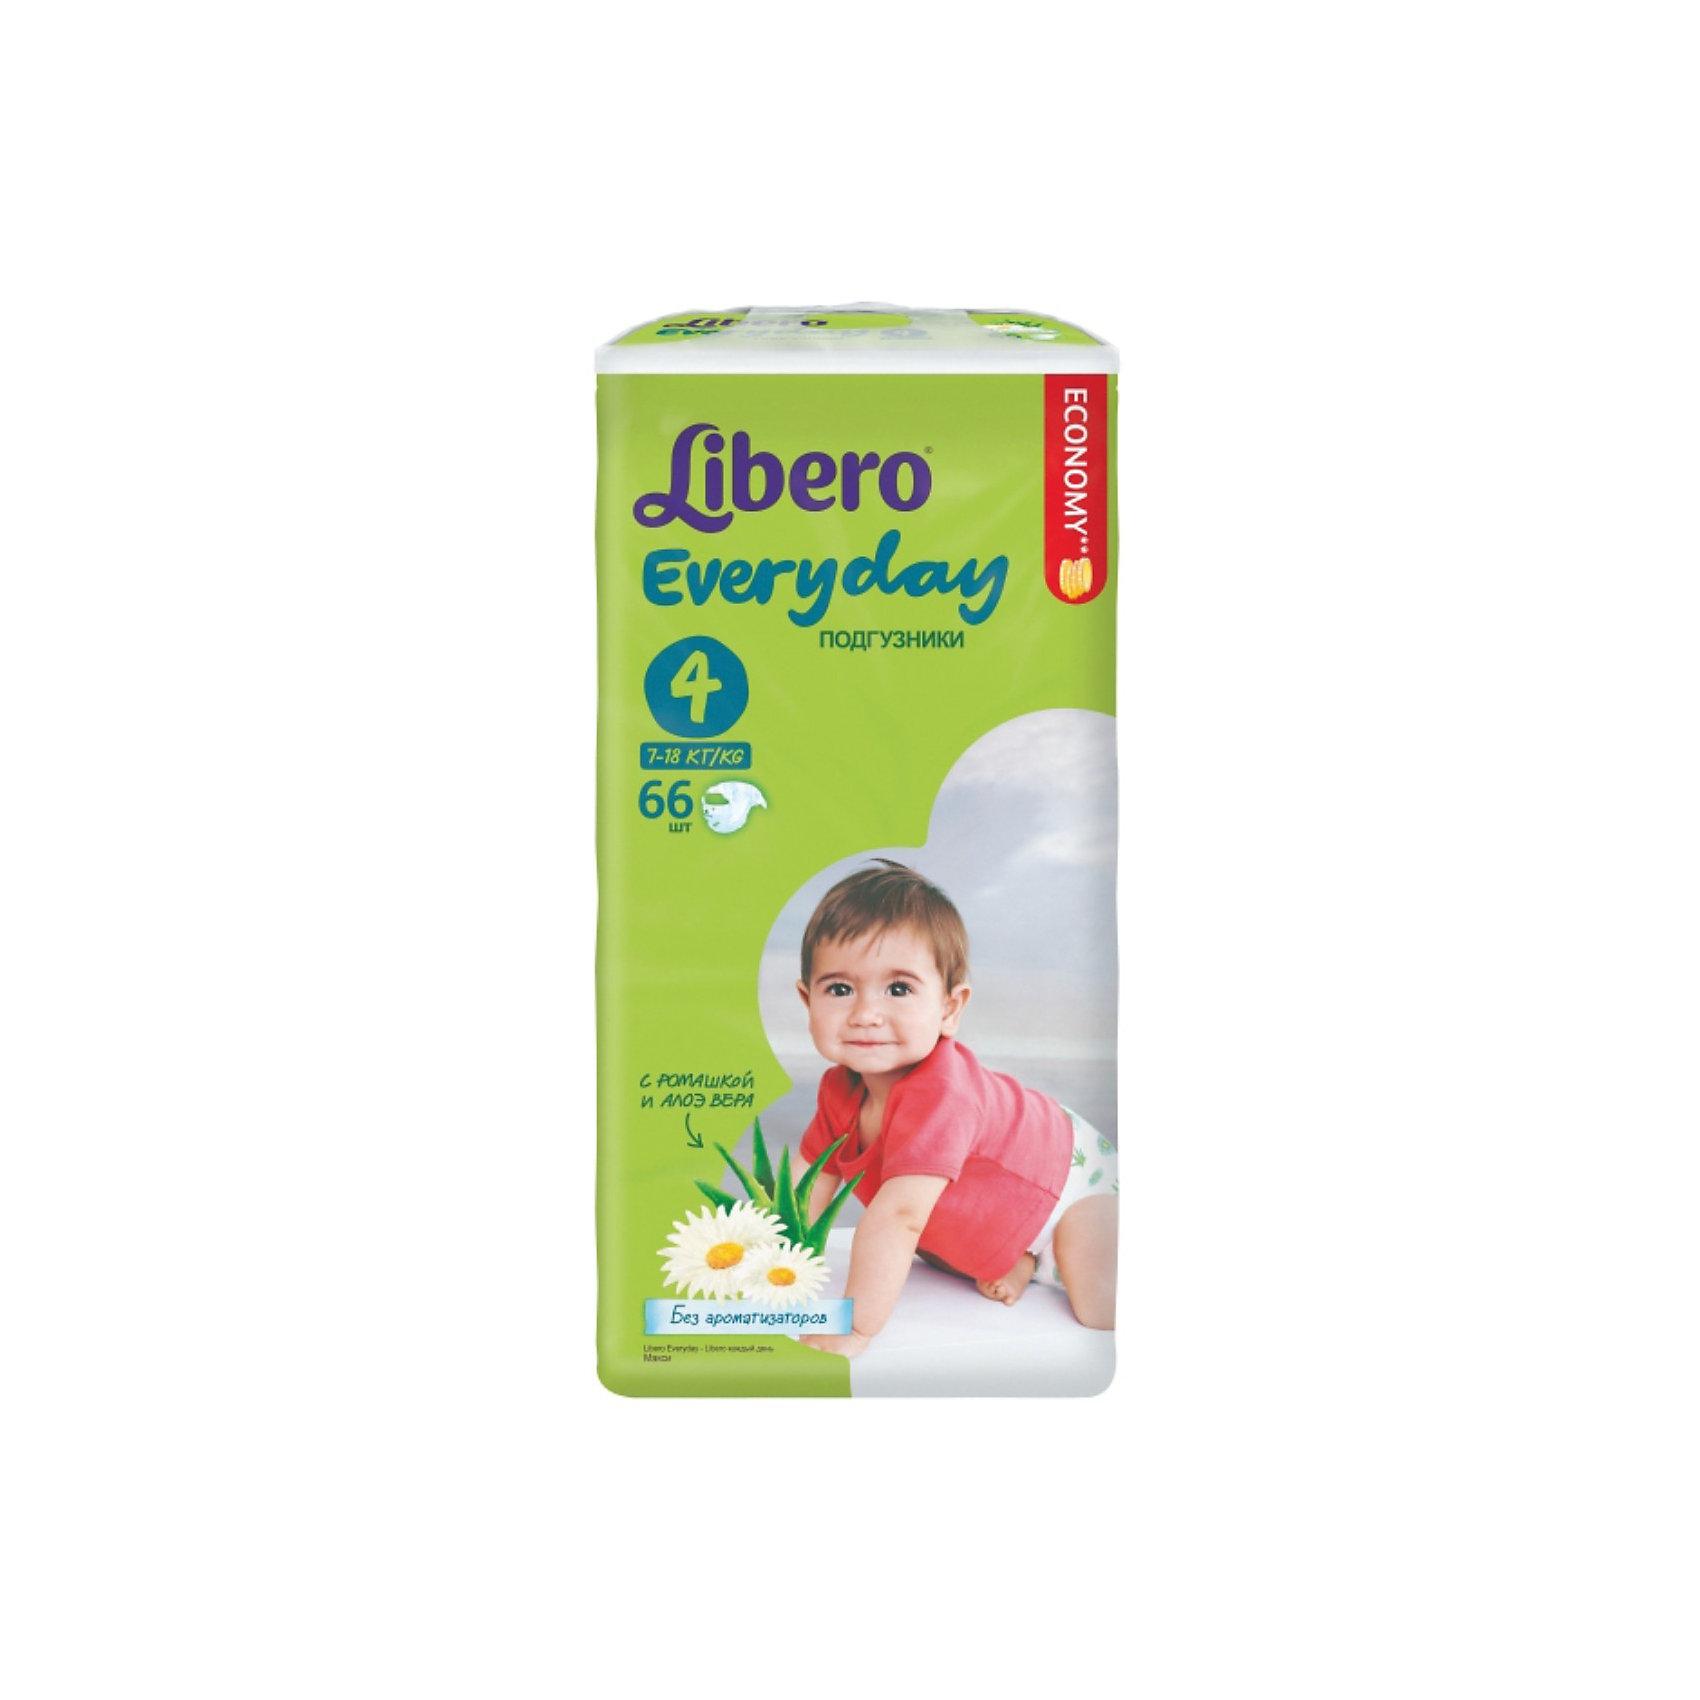 Подгузники Libero Everyday, Maxi 7-18 кг (4), 66 шт., MegaПодгузники 6-10 кг<br>Подгузники Libero Everyday (Либеро Эвридэй) Size 4 (7-18кг), 66 шт.<br><br>Характеристики:<br><br>• быстро впитывают влагу и удерживают ее<br>• нетканый дышащий материал<br>• эластичная резиночка не сковывает движения ребенка<br>• мягкий барьер вокруг ног защитит от протеканий<br>• приятный рисунок<br>• многоразовые застежки<br>• размер: 4 (от 7 до 18 кг)<br>• количество в упаковке: 66 шт.<br><br>Подгузники Libero Everyday подарят сухость и комфорт вашему малышу. Подгузники плотно прилегают к телу и не сковывают движения крохи, благодаря эластичному поясу. Нетканый материал подгузника имеет отверстия для циркуляции воздуха, позволяющие коже дышать. Внутренний слой быстро впитывает влагу, равномерно распределяет и удерживает ее внутри. <br>Ромашка и алоэ бережно позаботятся о коже малыша и не допустят воспаления и раздражения. Подарите крохе комфорт с подгузниками Libero Everyday!<br><br>Подгузники Libero Everyday (Либеро Эвридэй) Size 4 (7-18кг), 66 шт. можно купить в нашем интернет-магазине.<br><br>Ширина мм: 127<br>Глубина мм: 240<br>Высота мм: 440<br>Вес г: 1940<br>Возраст от месяцев: 6<br>Возраст до месяцев: 36<br>Пол: Унисекс<br>Возраст: Детский<br>SKU: 3517606